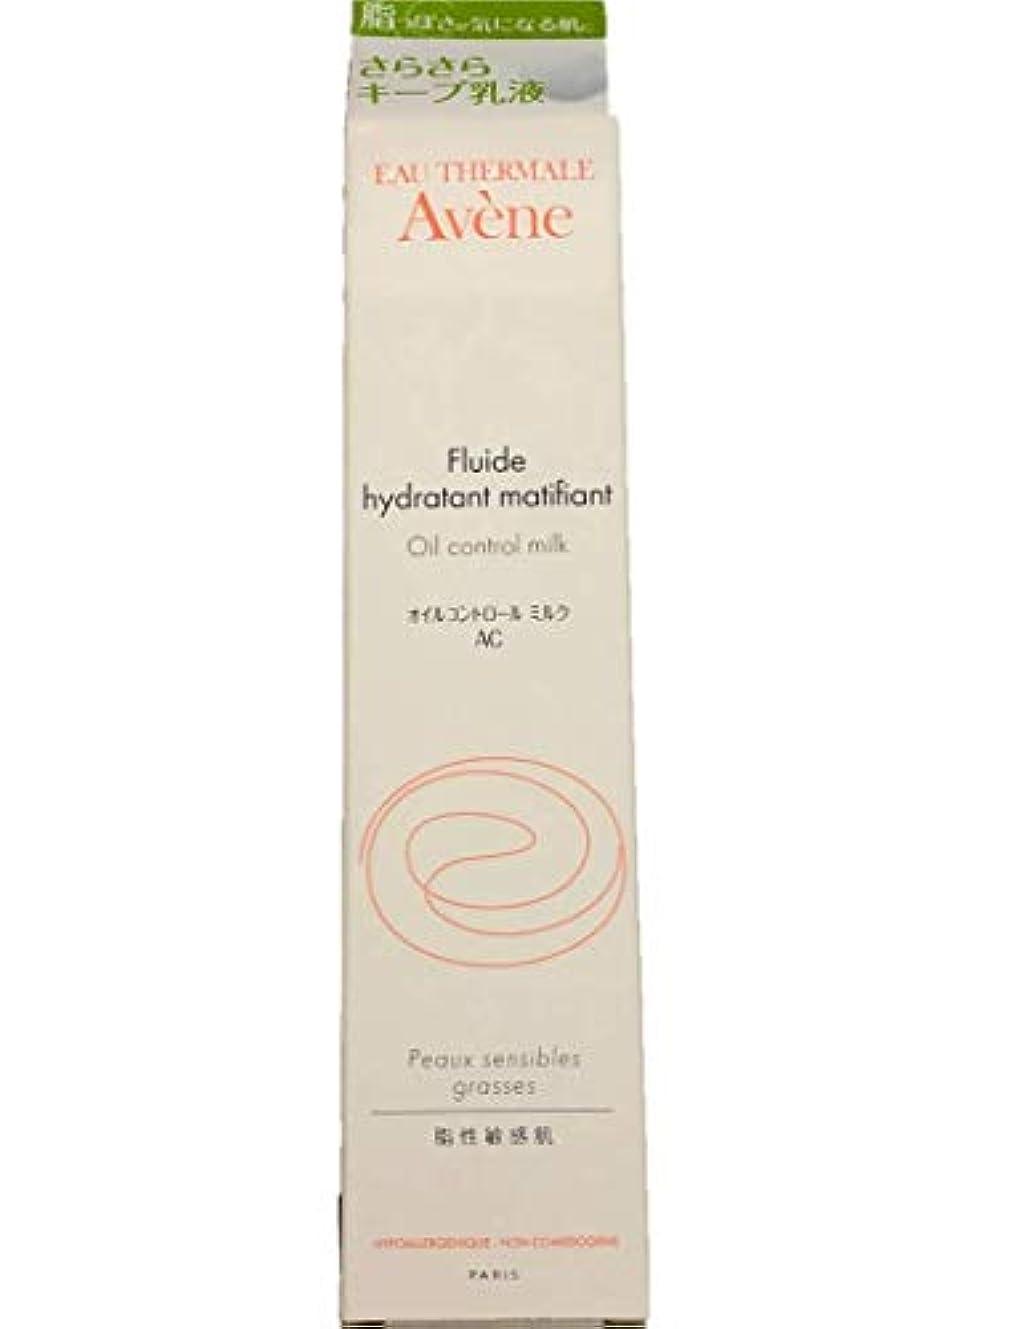 歌後ろにブランチアベンヌ Avene オイルコントロール ミルク AC 50mL (アヴェンヌ)【国内正規品】